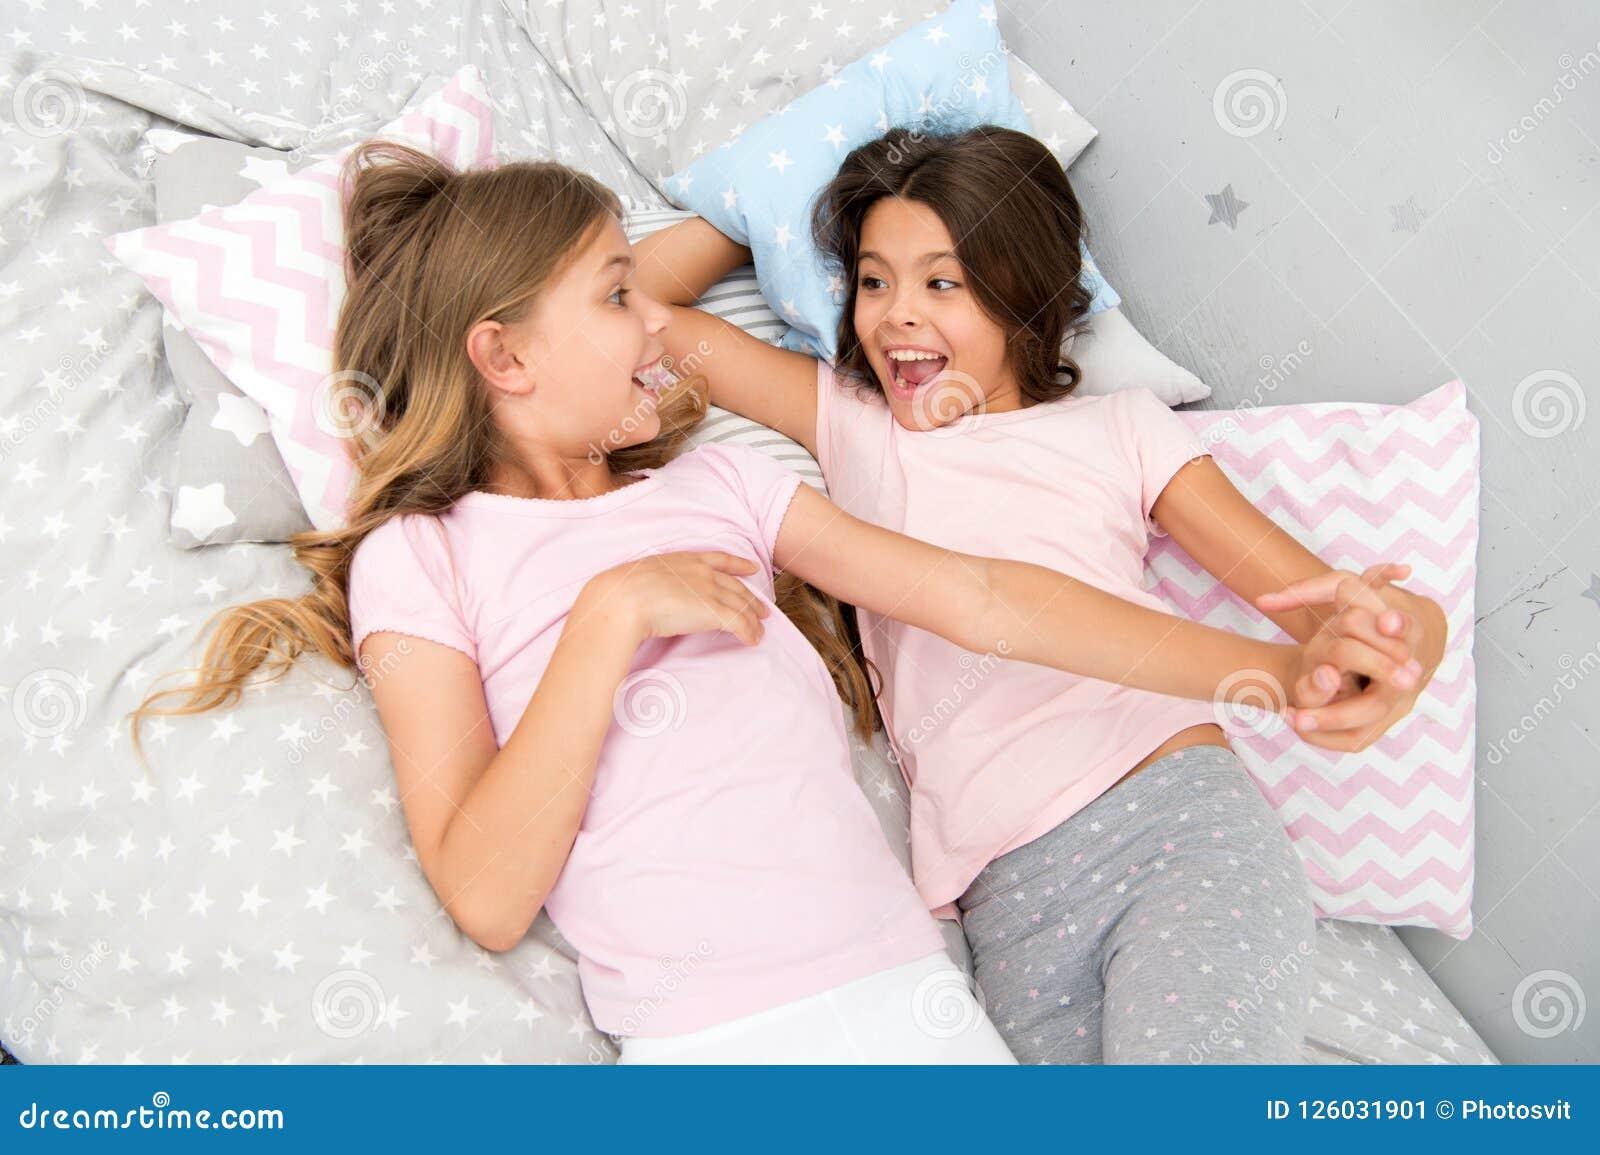 Good morning and healthy sleep. little girls say good morning to each other. little girls in bed after healthy sleep.